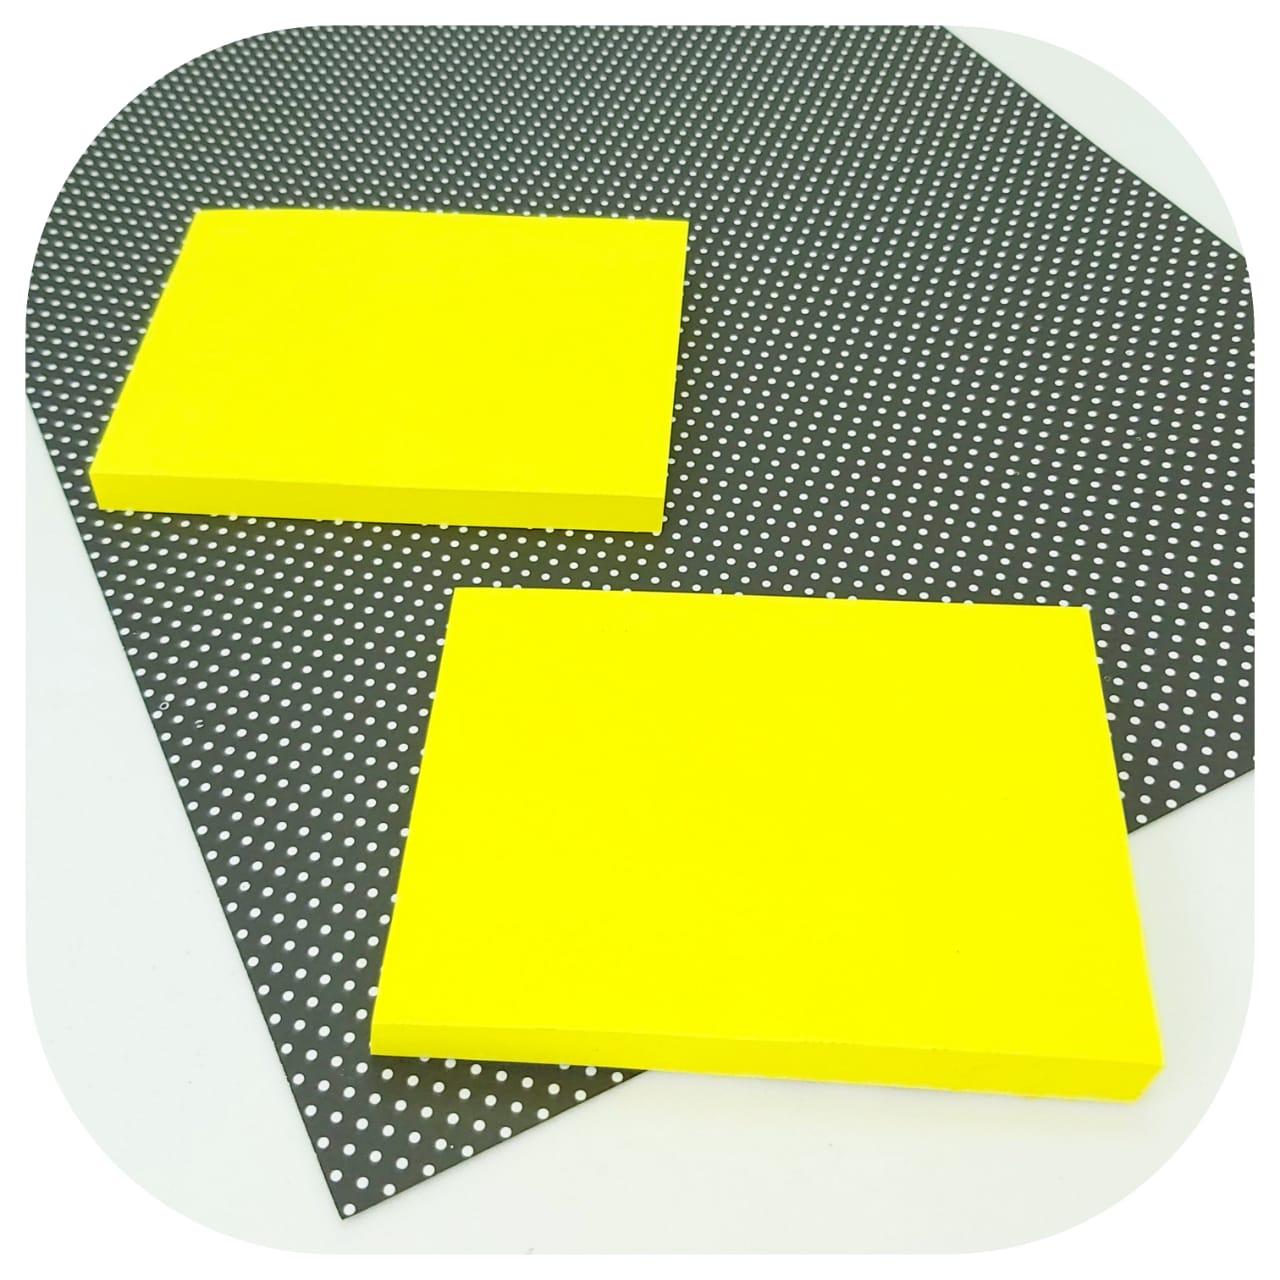 Bloco de Anotações Colável - 76x102mm - Amarelo Neon - BRW